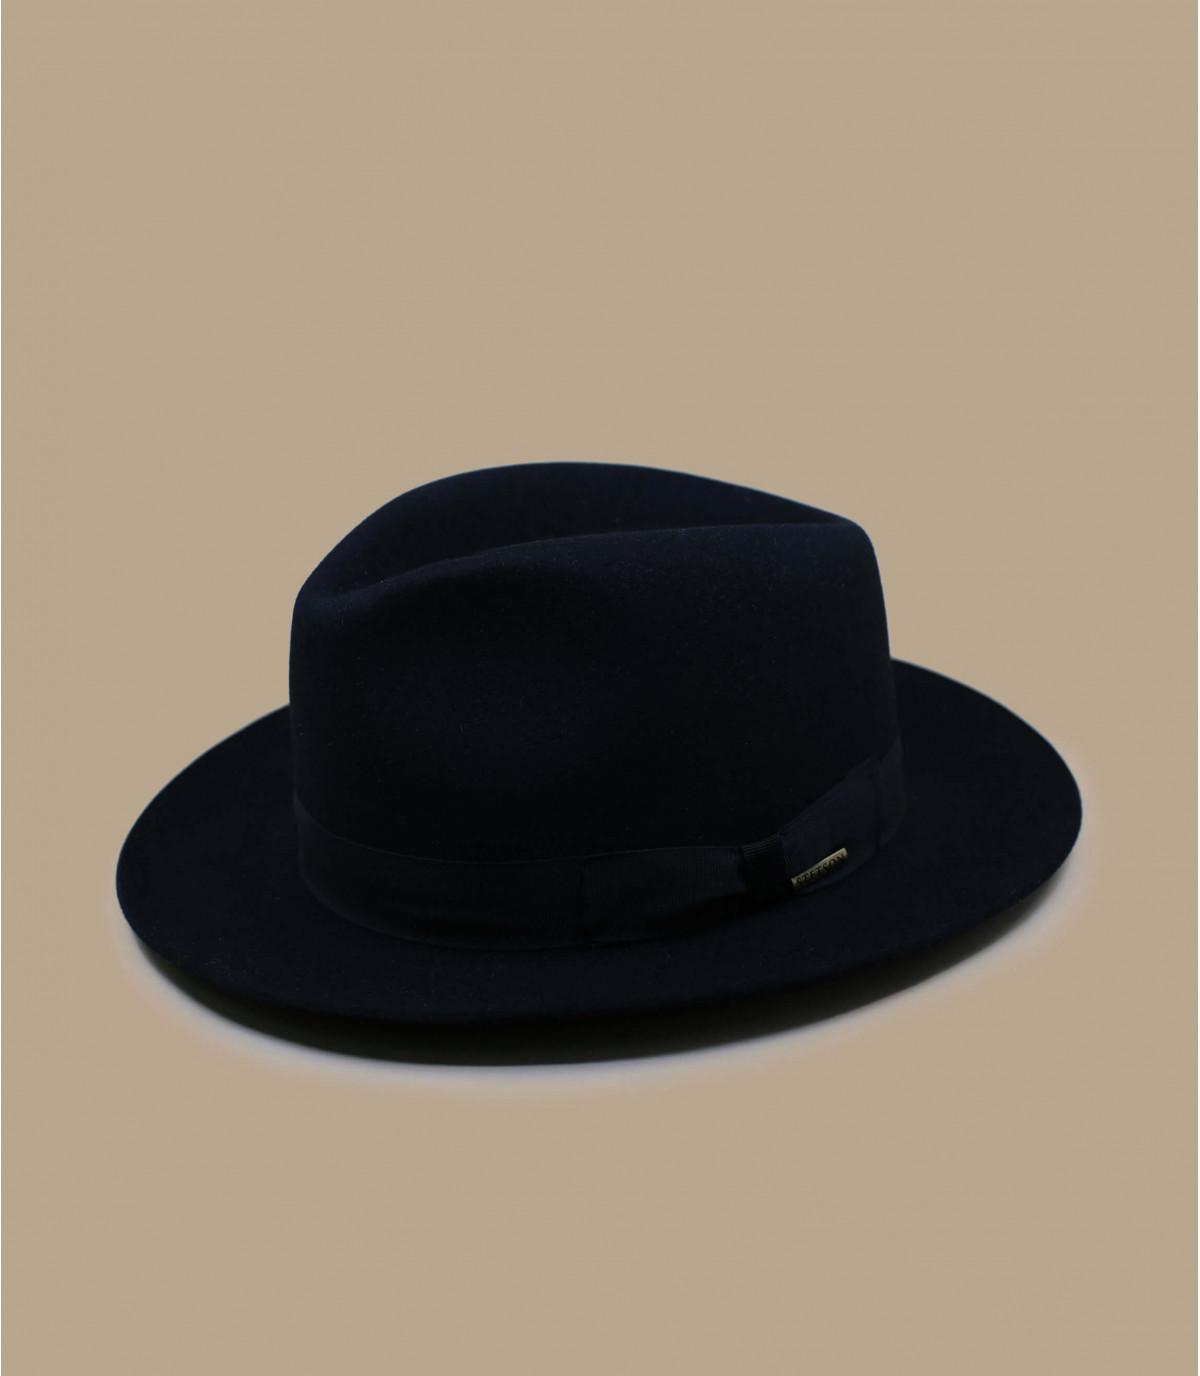 Penn schwarz Stetson